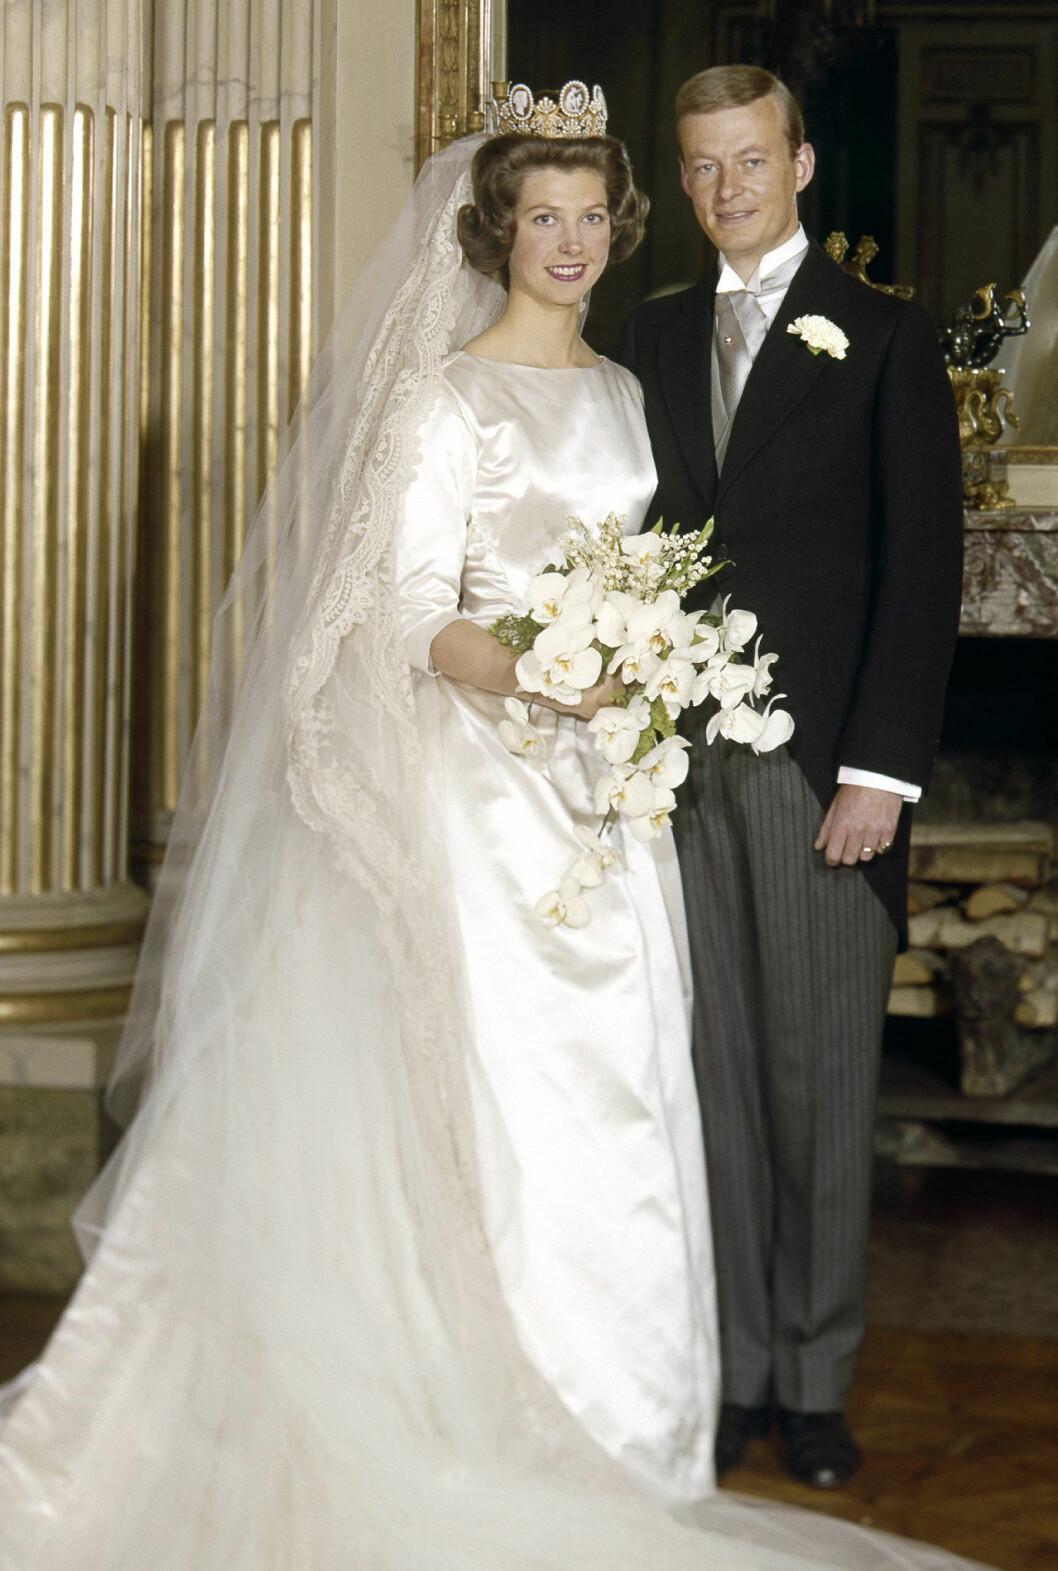 Prinsessan Désirée bar samma brudklänning som prinsessan Birgitta, sydd hos Märthaskolan. Brudbuketten bestod av vita orkidéer, fresia och liljekonvaljer, som plockats på Koberg.